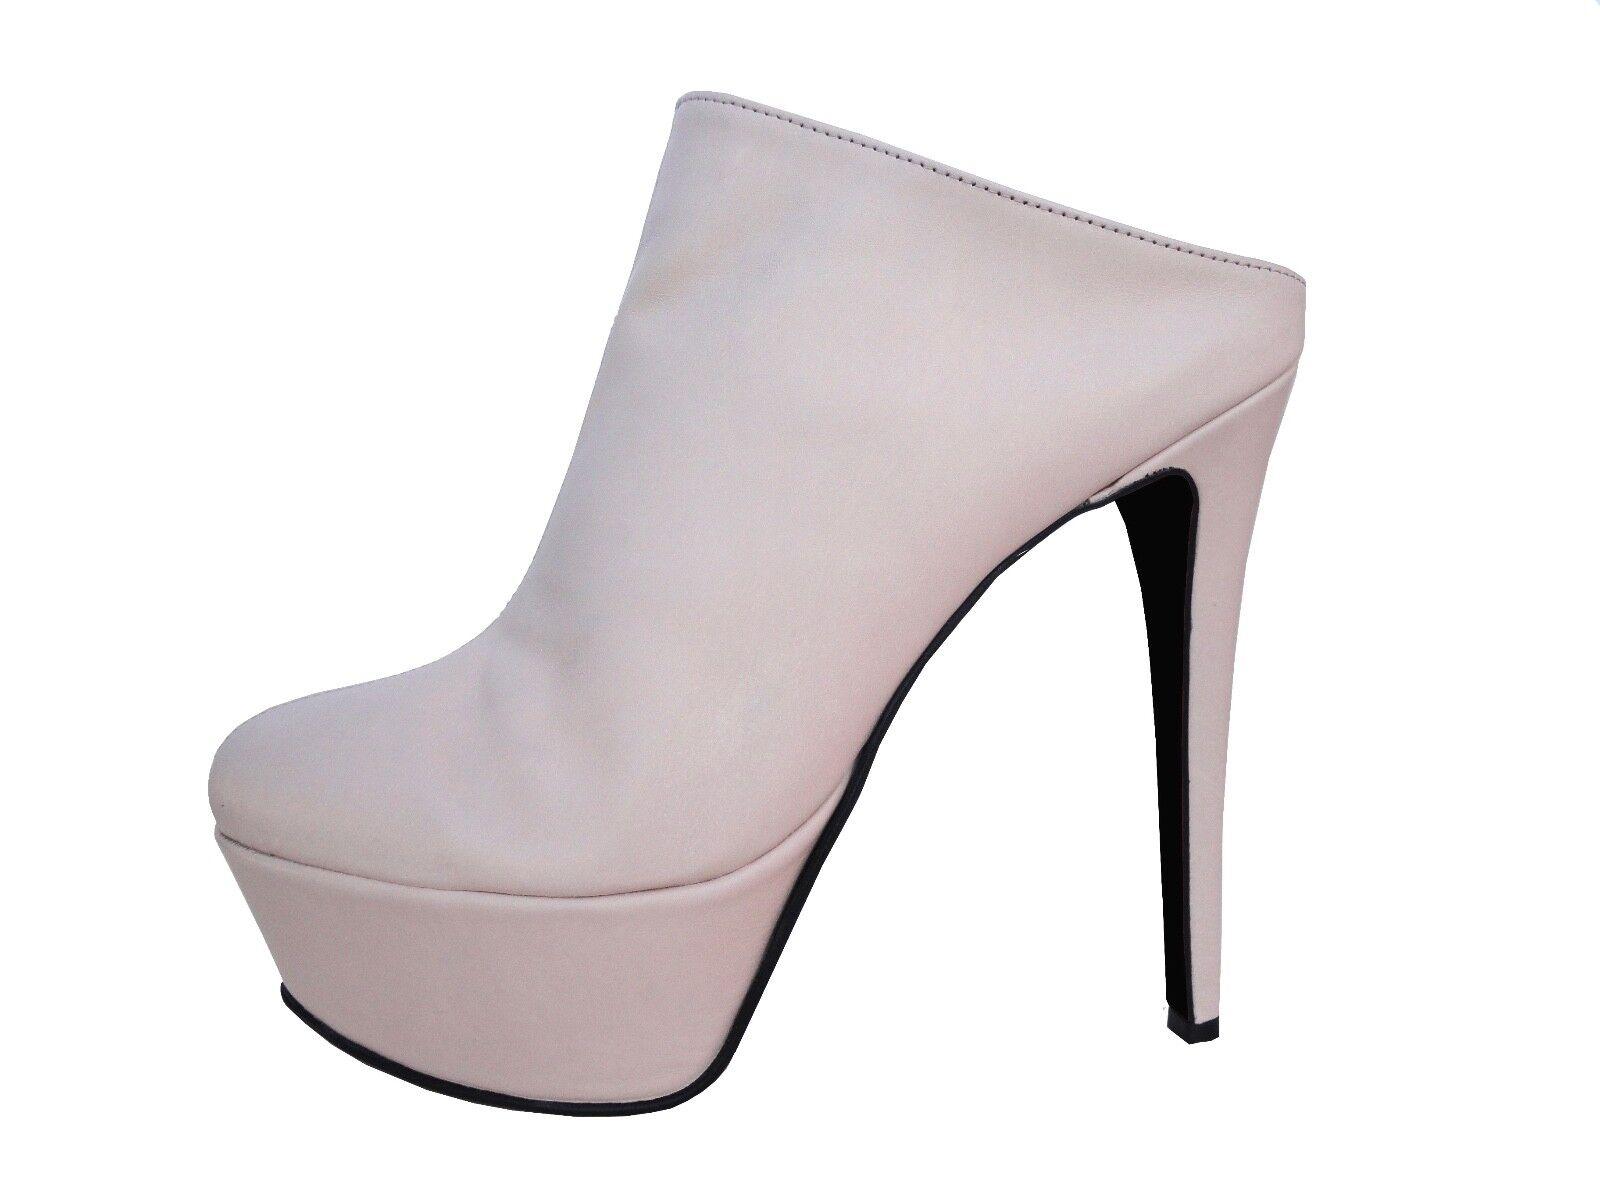 giohel italie sandales sandales pantoletten nouveau sabot pantoletten sandales nu slip-on cuir beige 39 0aacb5